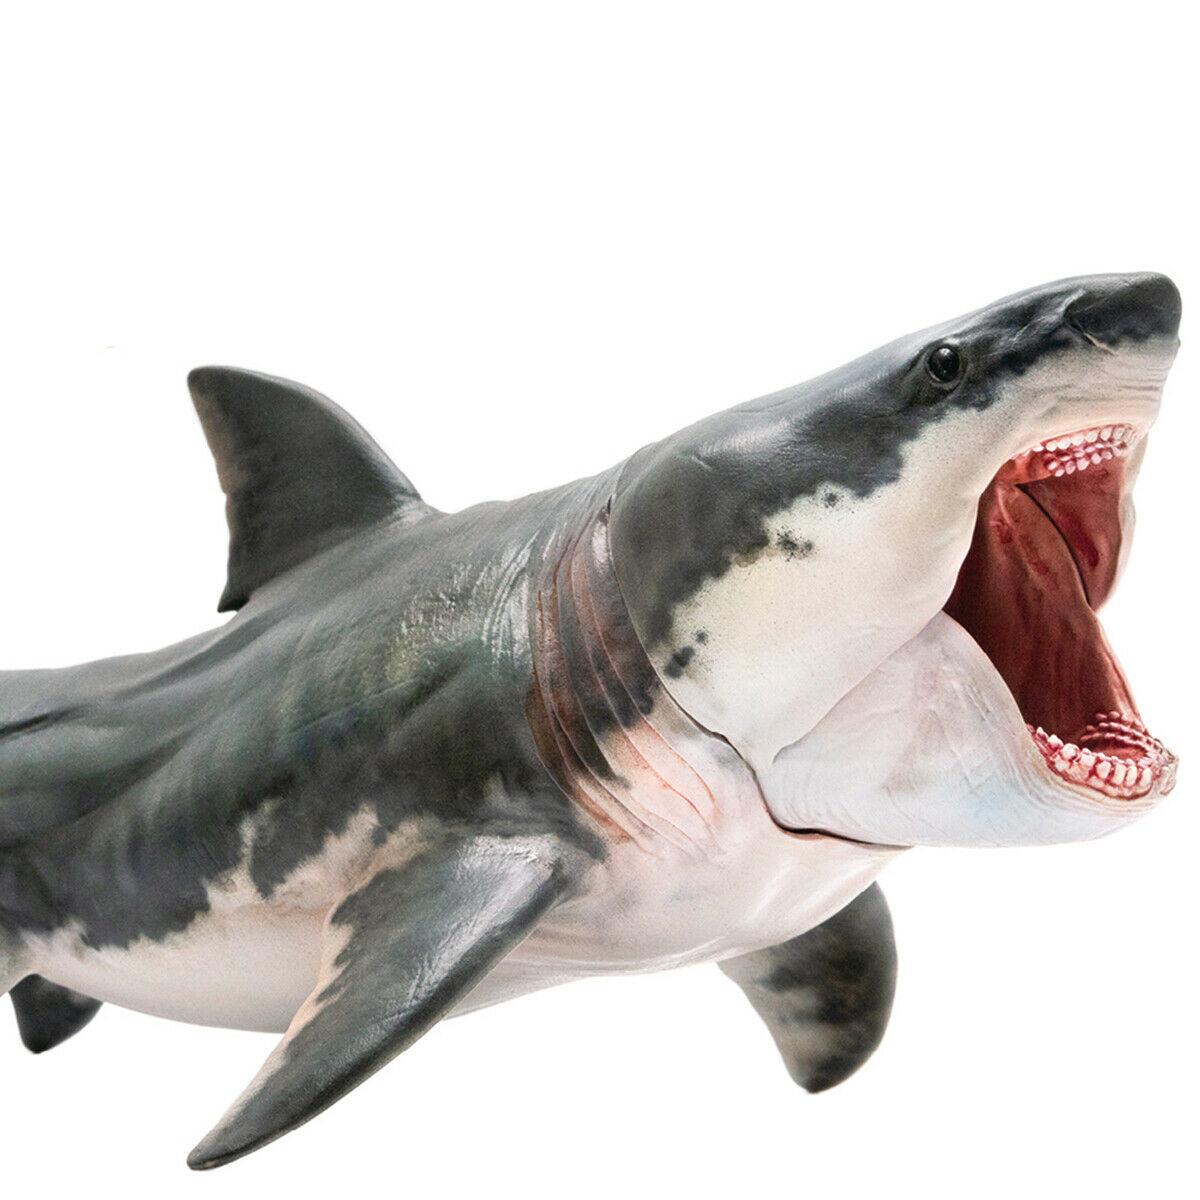 Pnso megalodon modelo figura ação tubarão pré-histórico oceano animal adulto crianças coleção ciência educação brinquedos presente decoração da sua casa